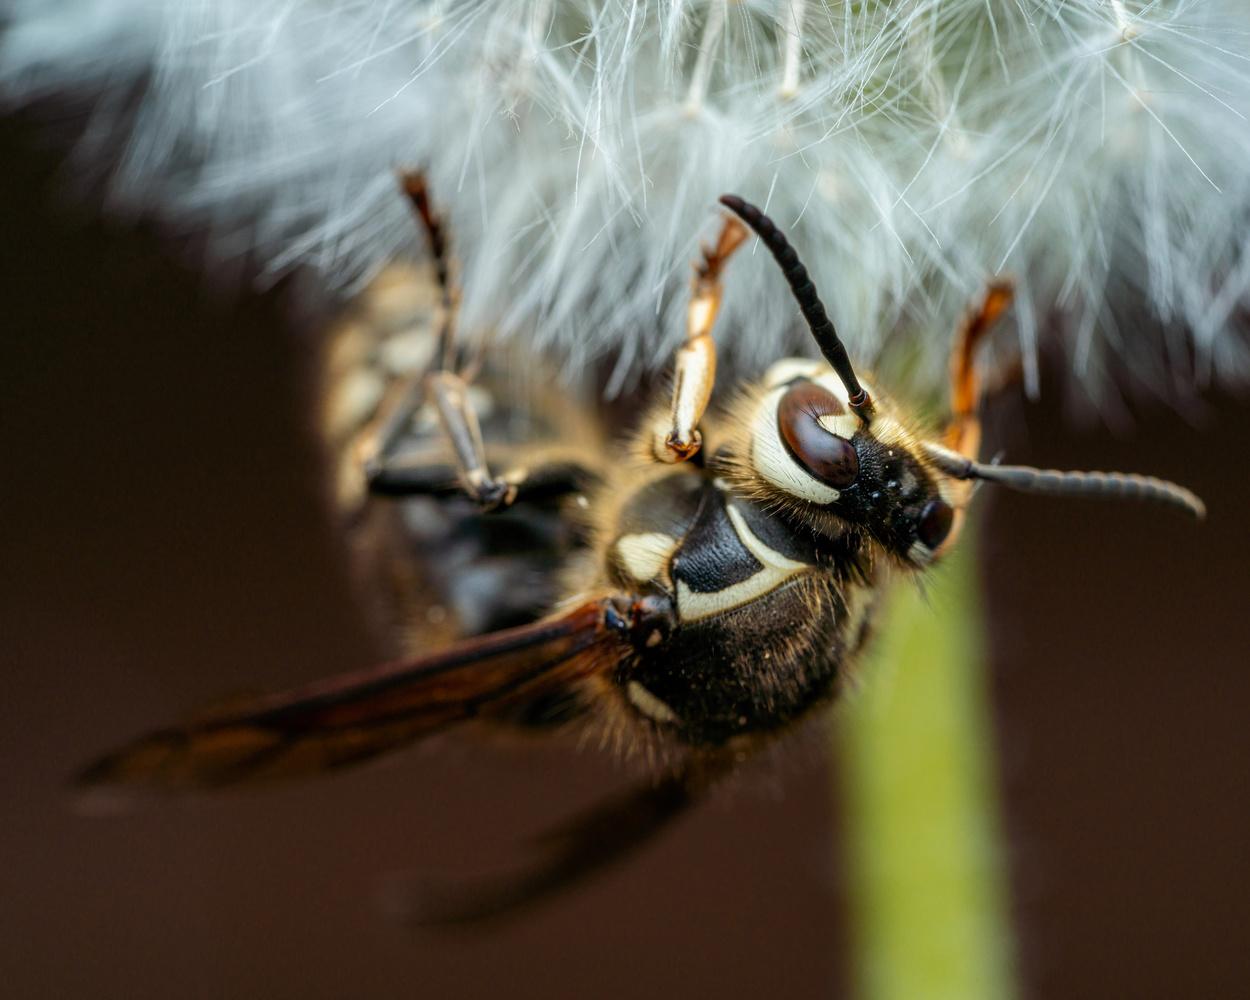 Bald faced hornet by Skyler Ewing